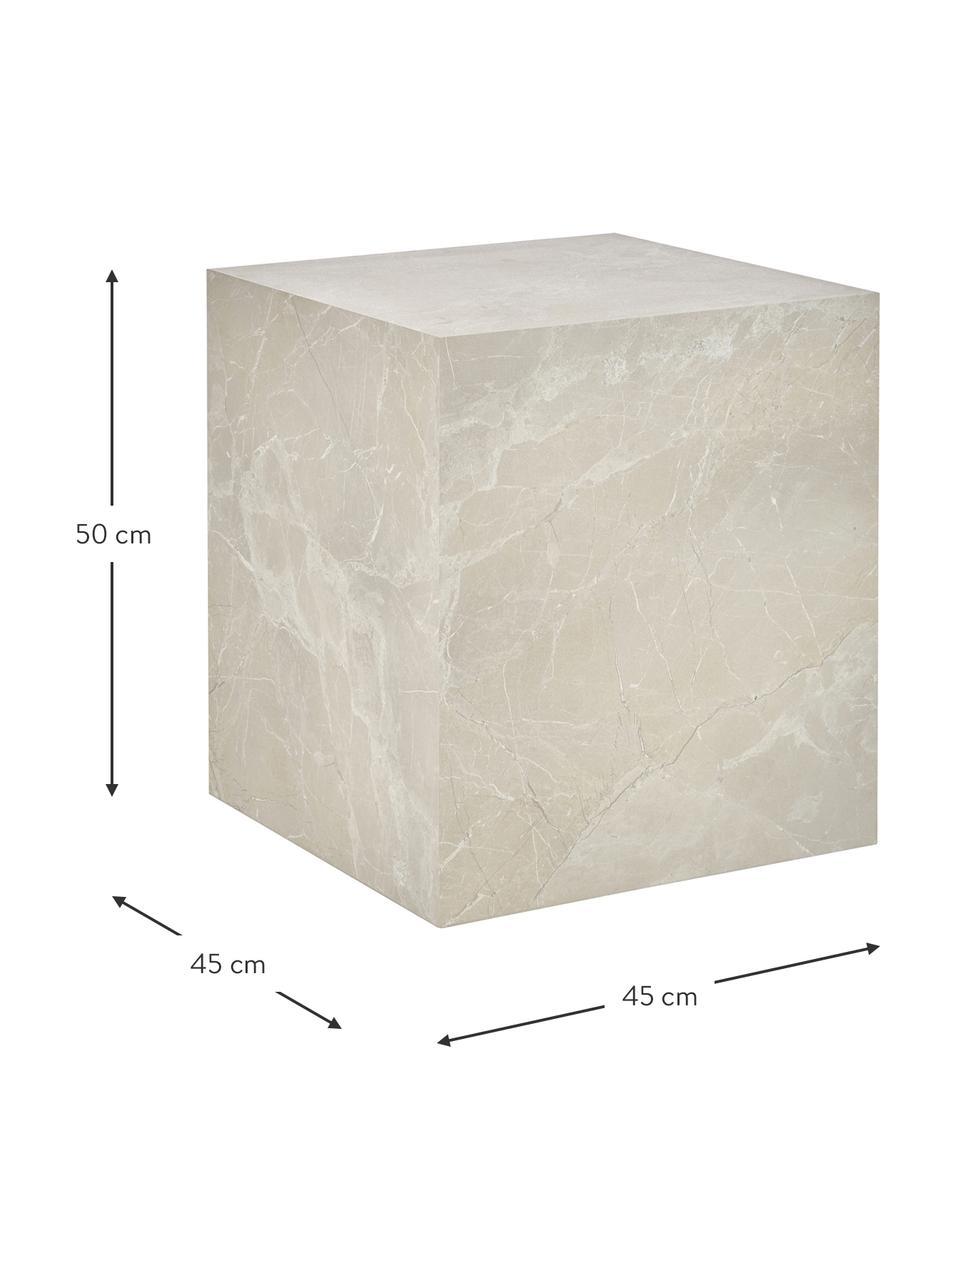 Tavolino effetto travertino Lesley, Pannello di fibra a media densità (MDF) rivestito con foglio di melamina, Beige, effetto travertino, Larg. 45 x Alt. 50 cm